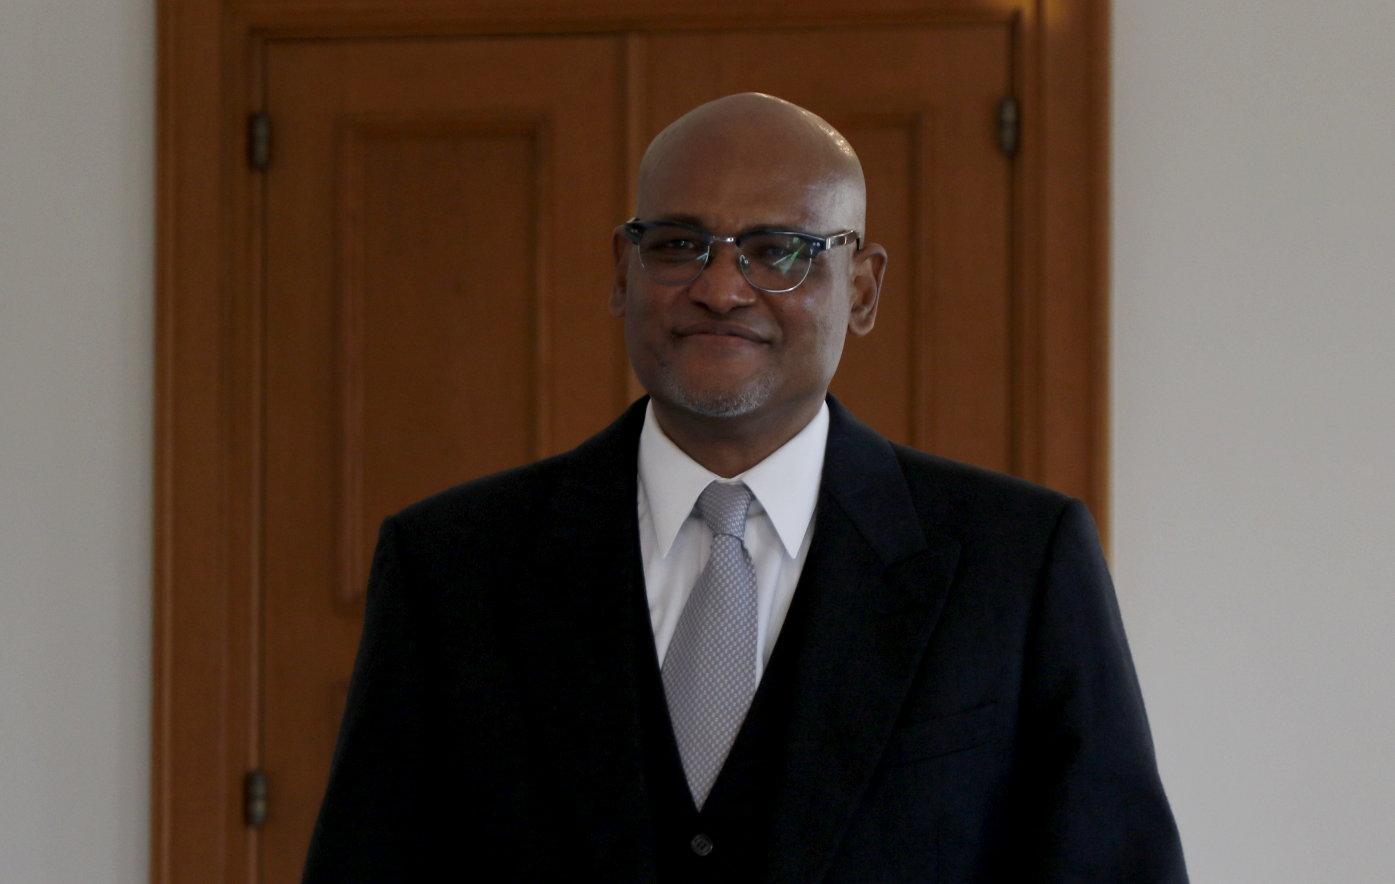 Botschafter der Republik Cabo Verde, Emanuel Henrique Semedo Duarte, bei Bundespräsident Frank-Walter Steinmeier im Schloss Bellevue akkreditiert